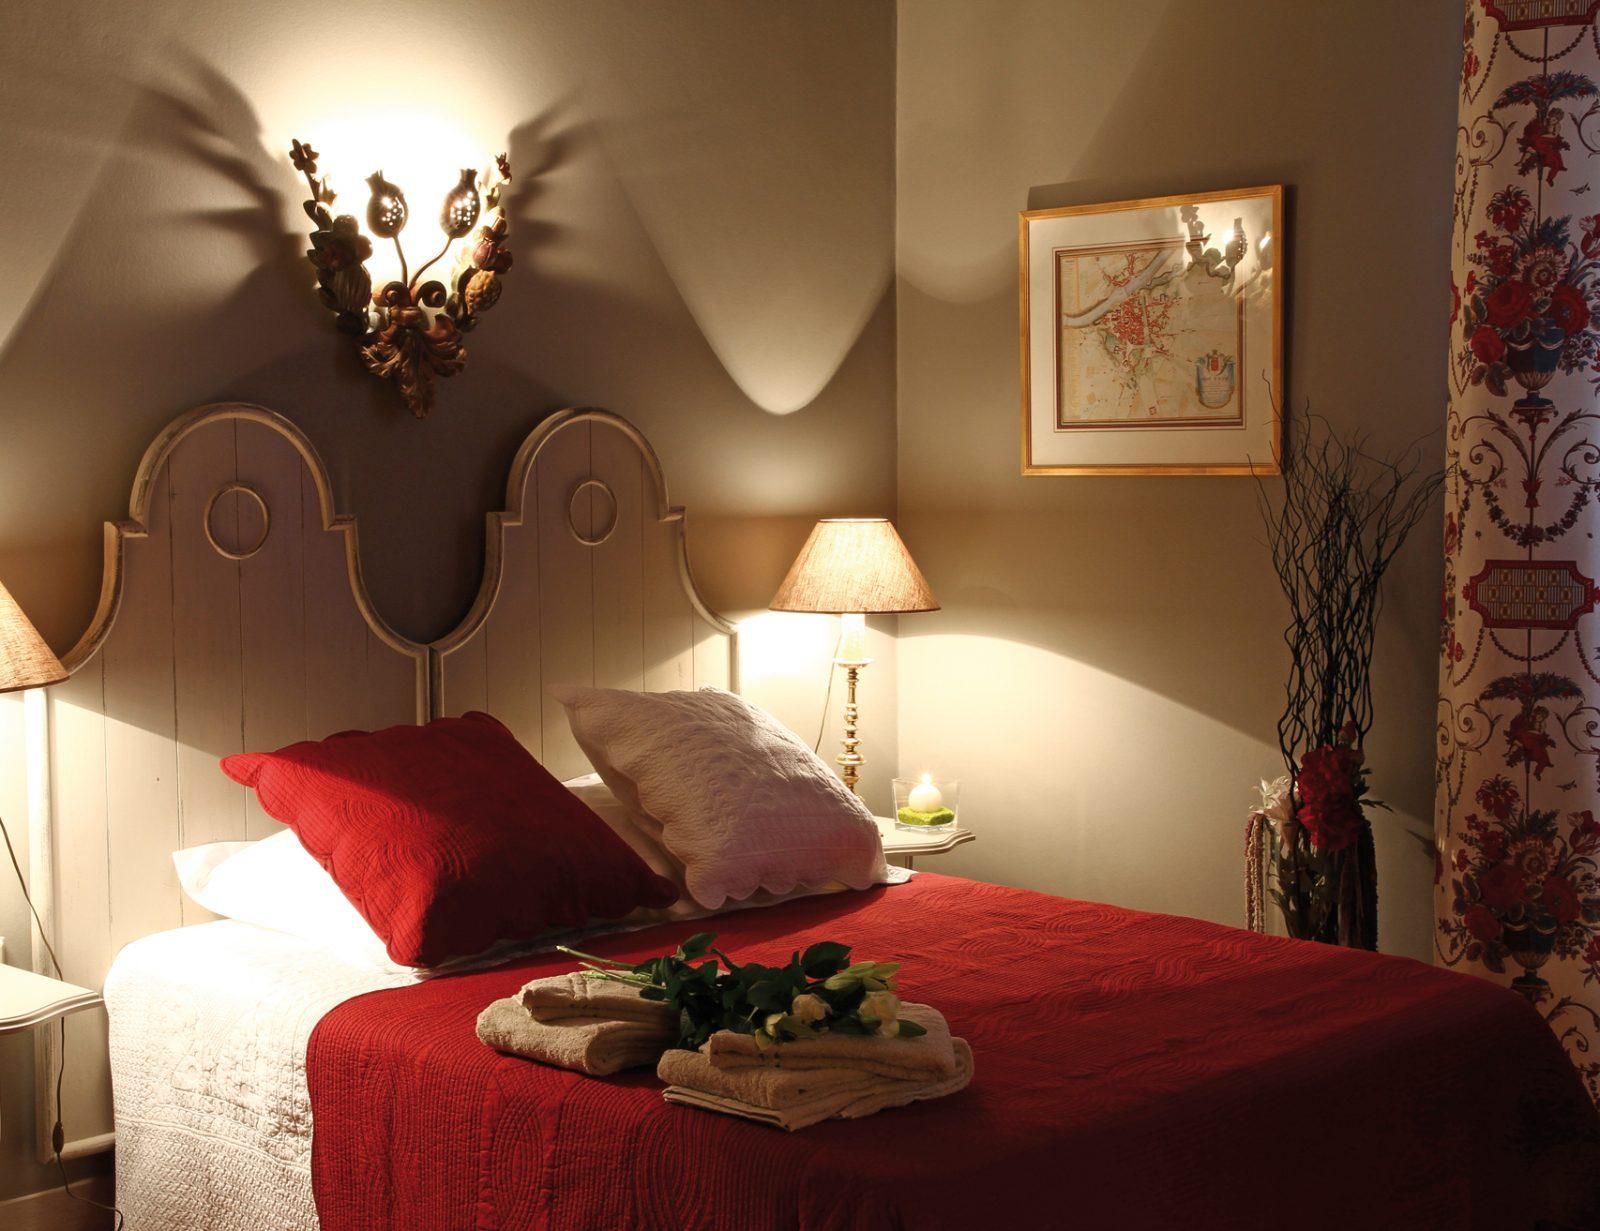 maely amalric la tour sainte c cile albi chambre d. Black Bedroom Furniture Sets. Home Design Ideas